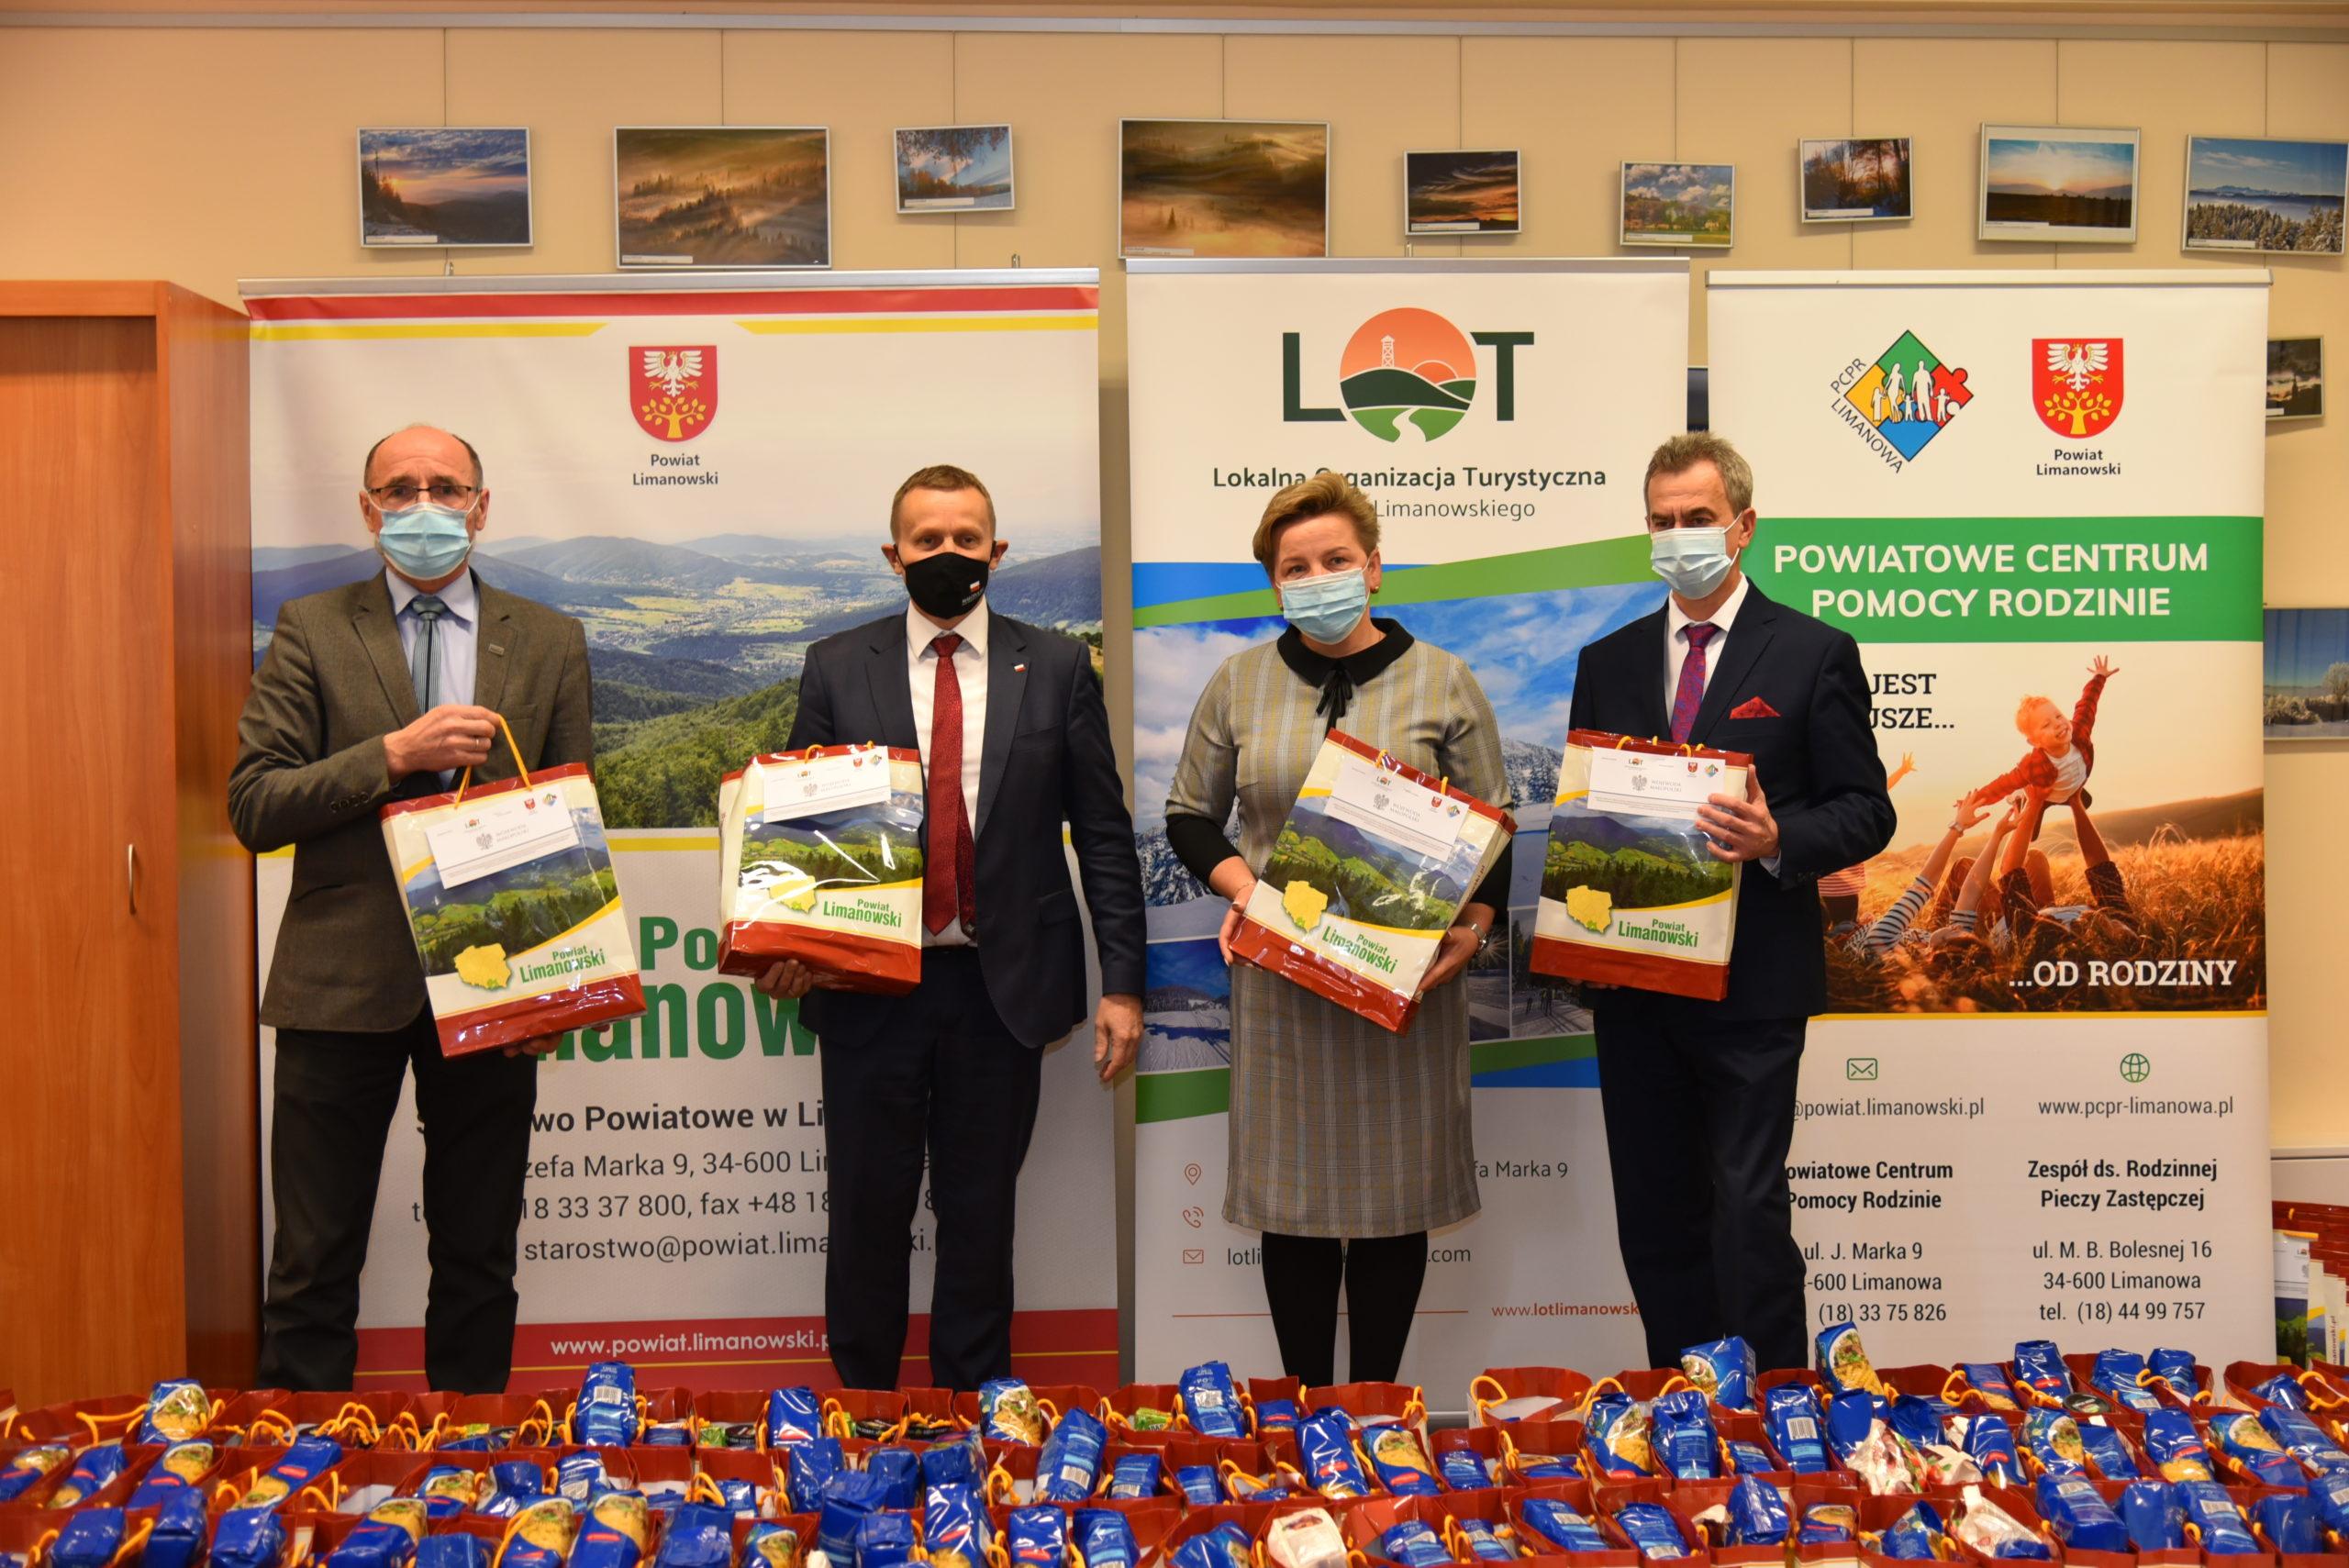 Zainaugurowaliśmy projekt skierowany dla osób niepełnosprawnych i potrzebujących. Wizyta Wicewojewody Małopolskiego.